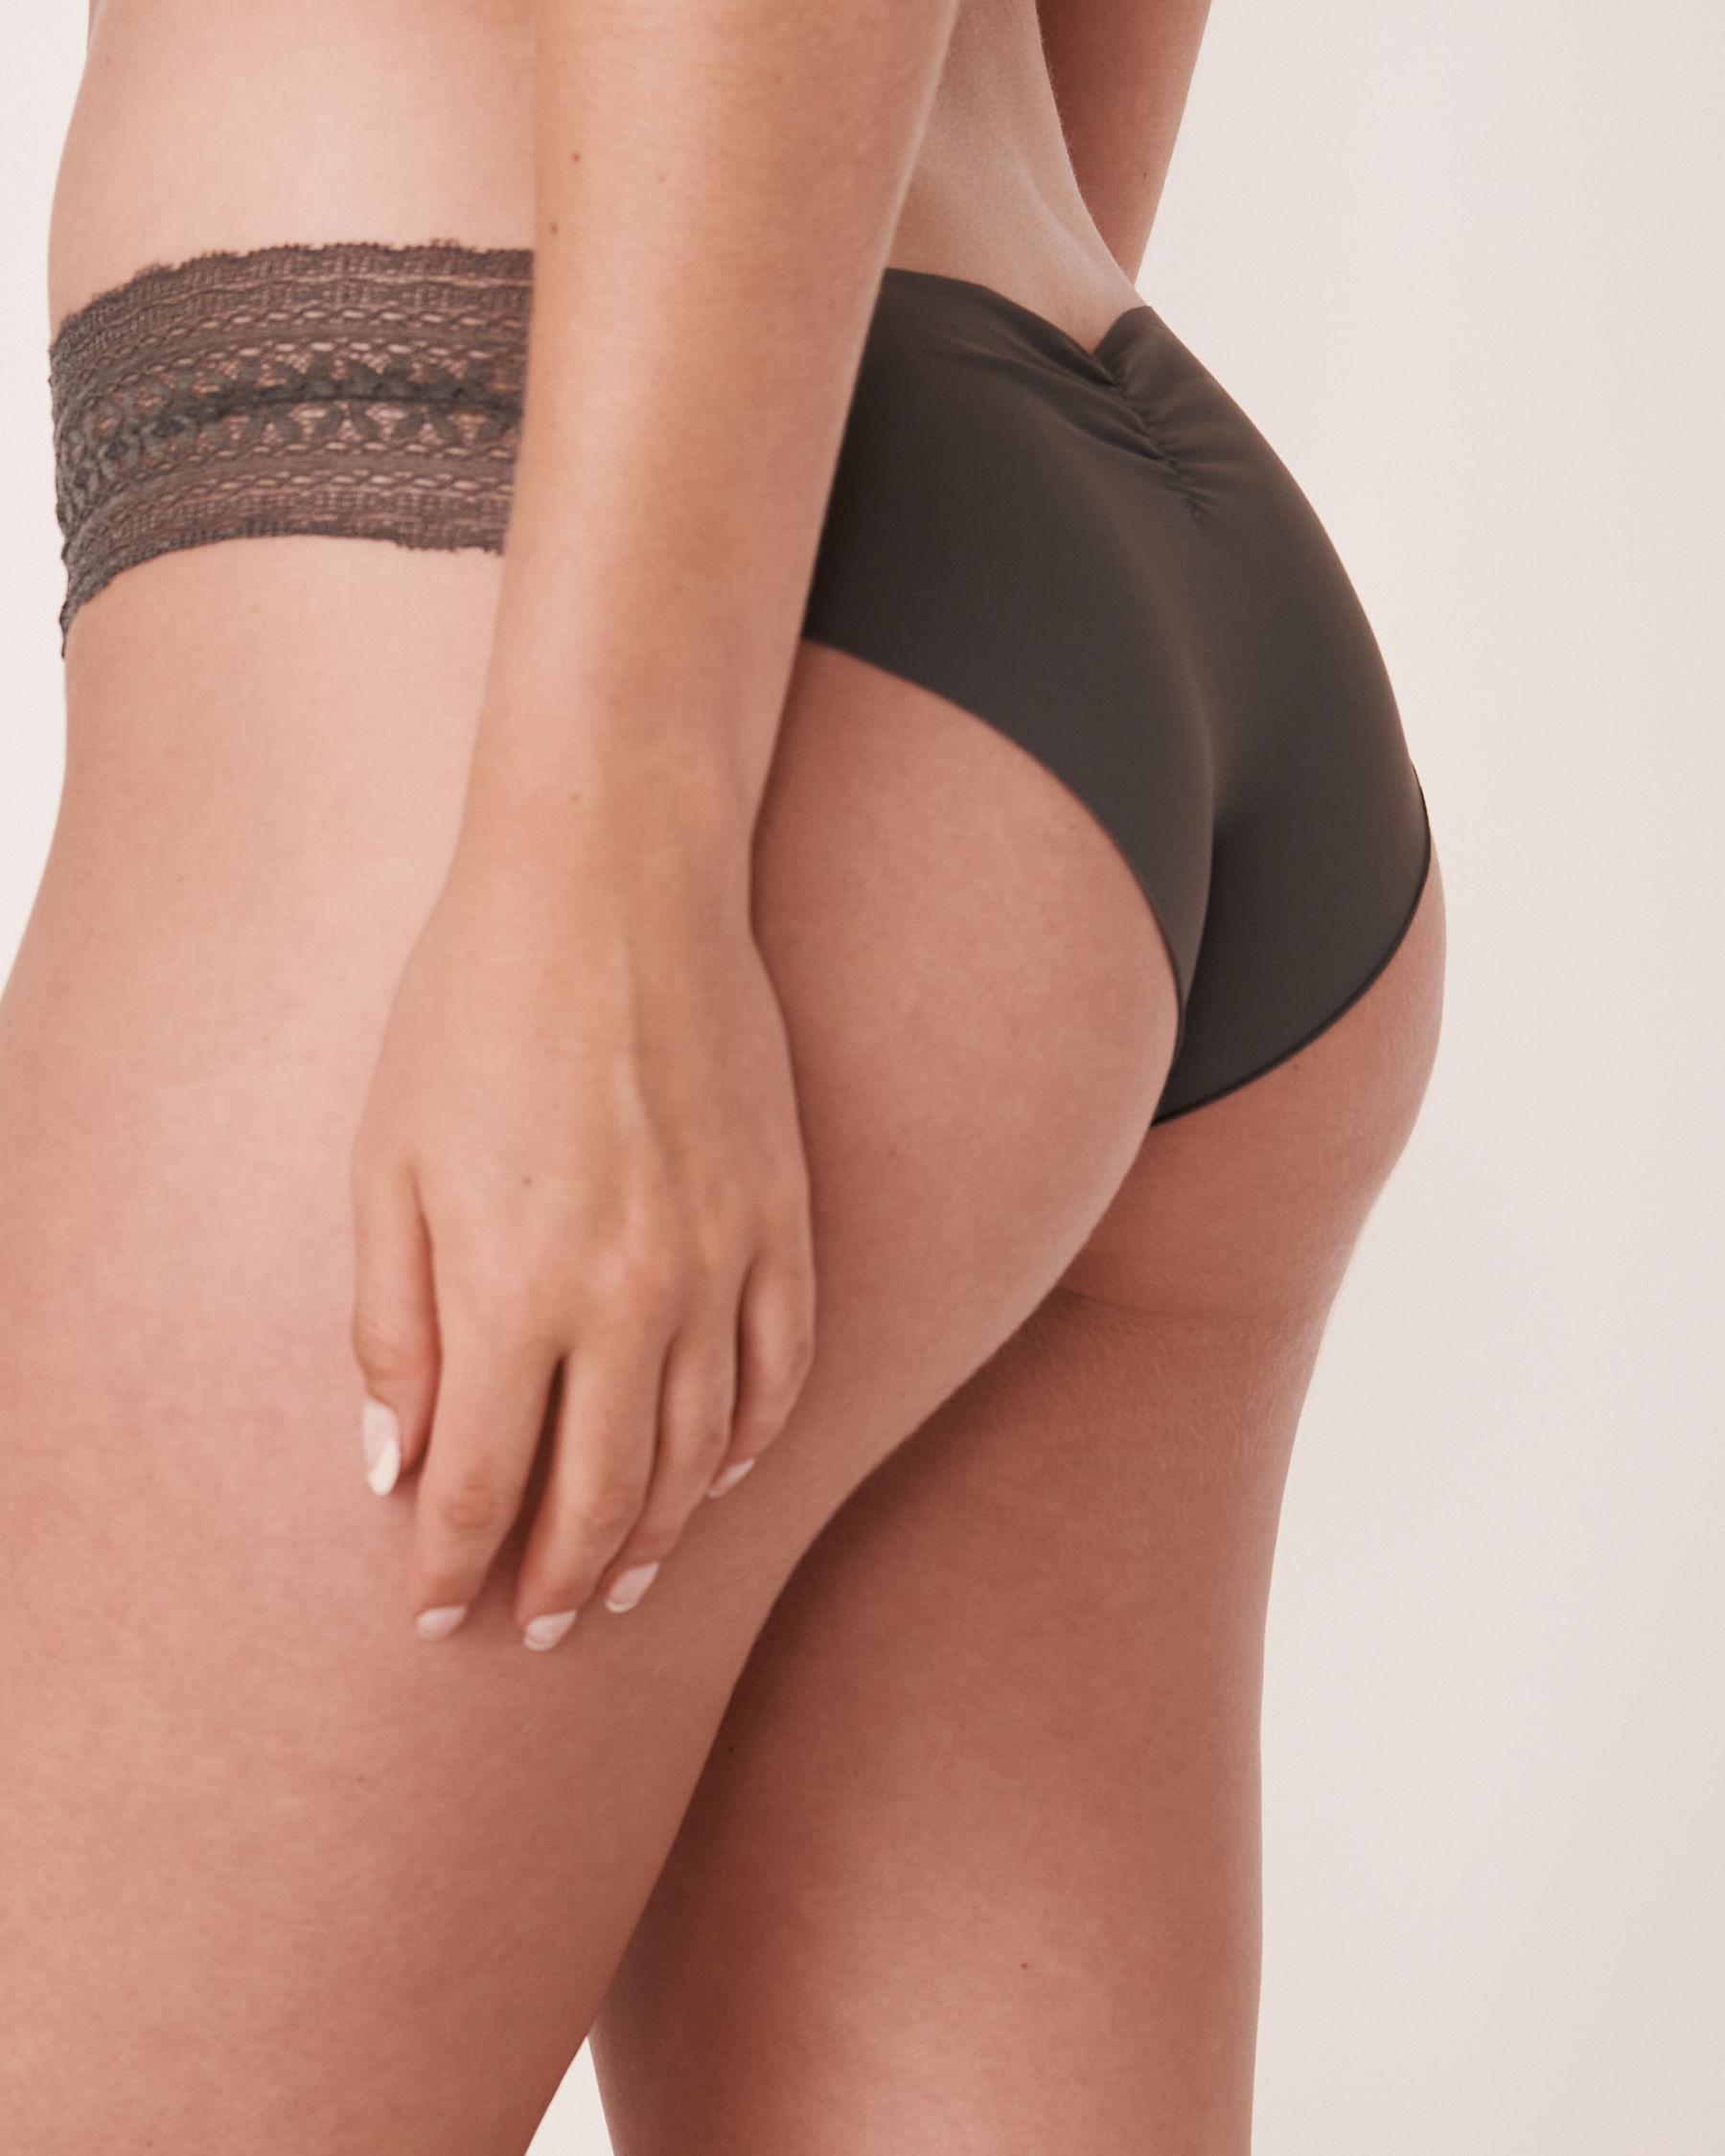 LA VIE EN ROSE Seamless Cheeky Panty Charcoal 20200065 - View2